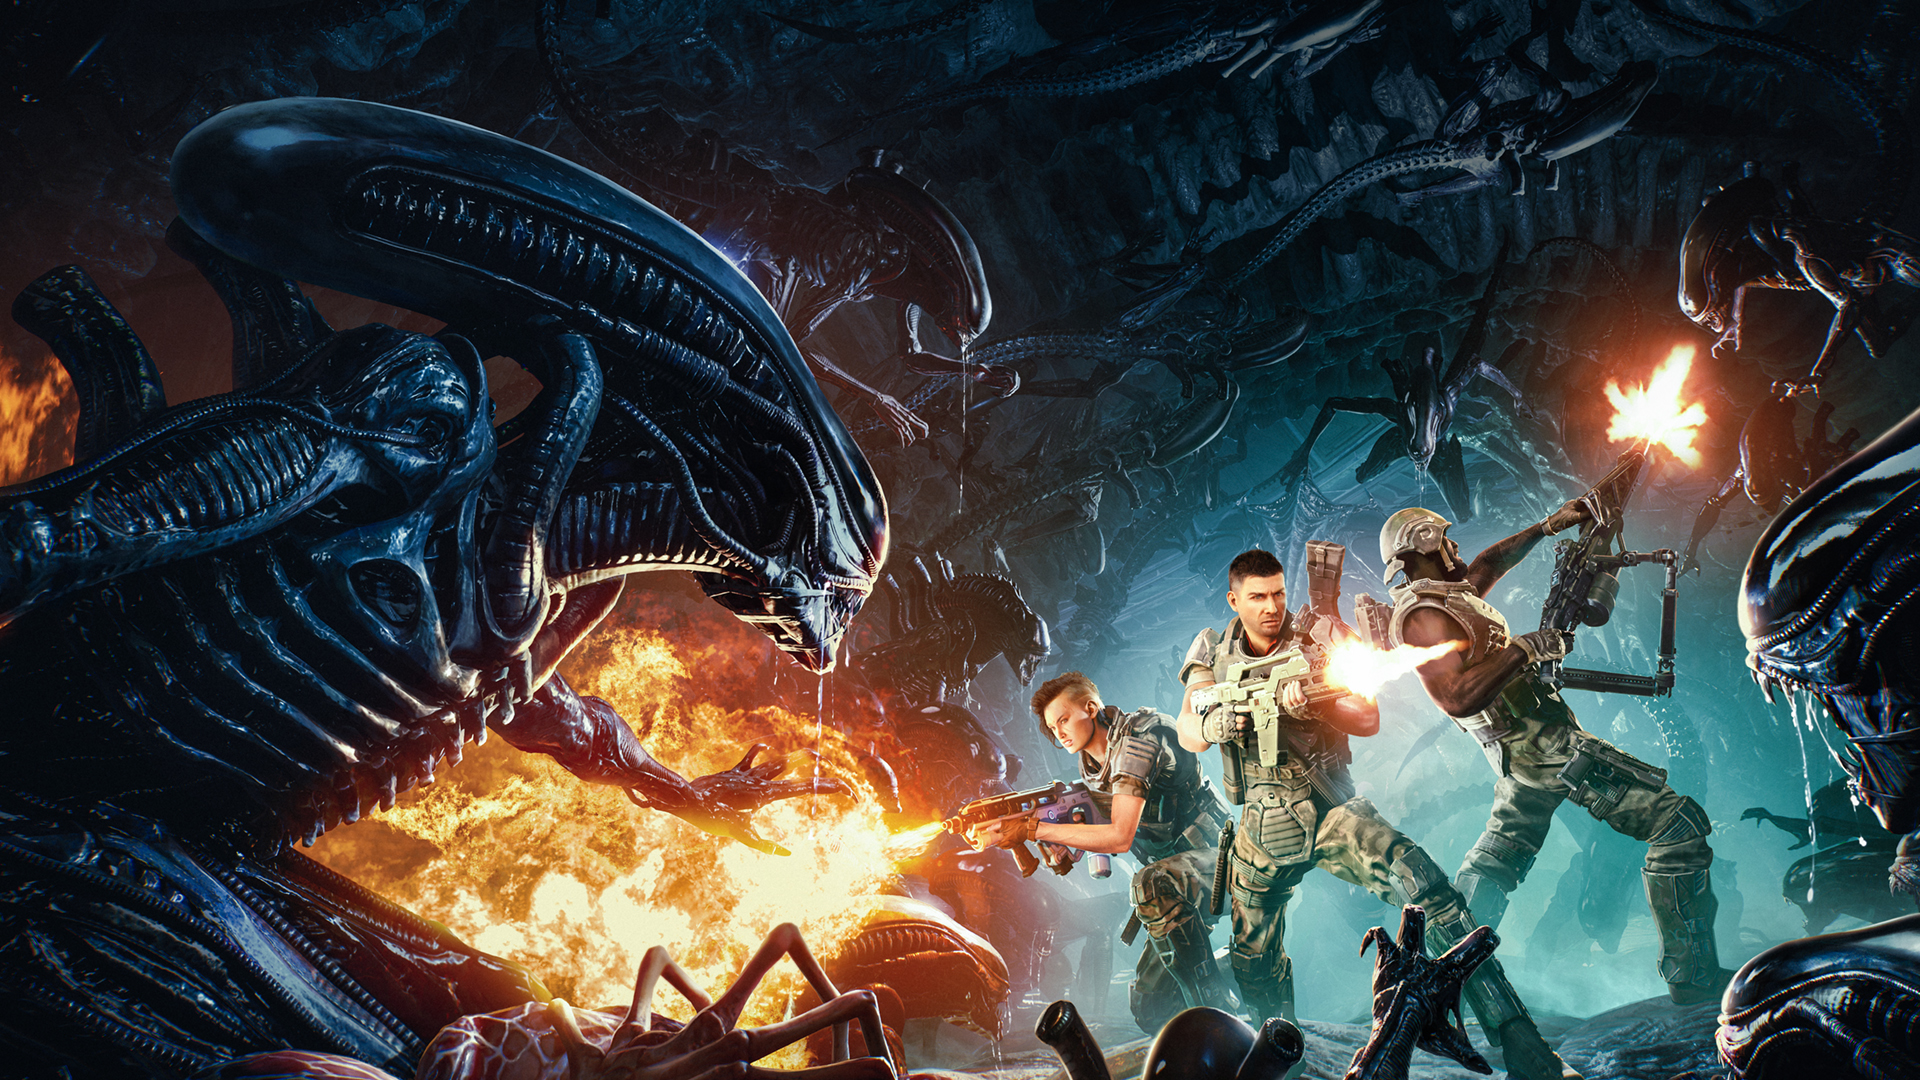 Left 4 Dead-inspired co-op shooter Aliens: Fireteam feels like a step backwards after Alien: Isolation